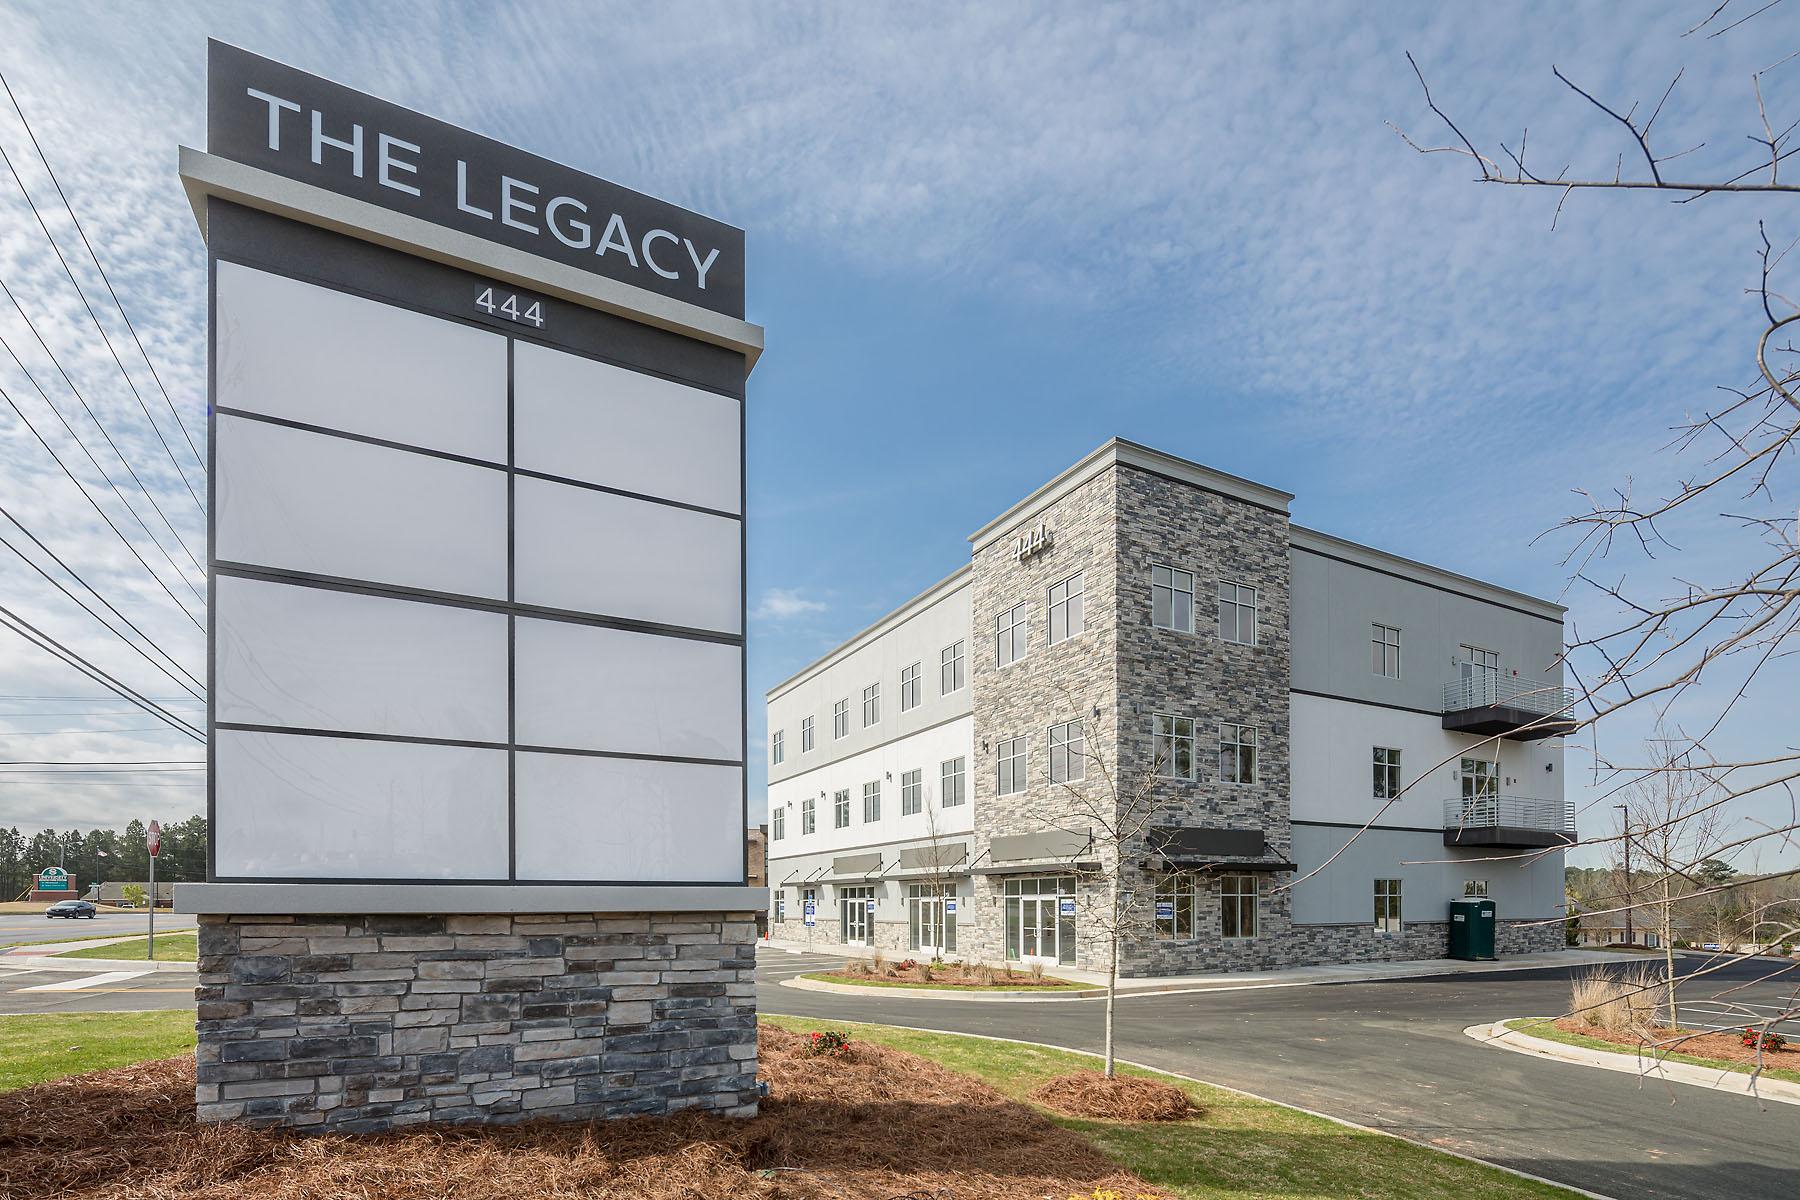 Legacy Exterior 1   SD Clifton Construction